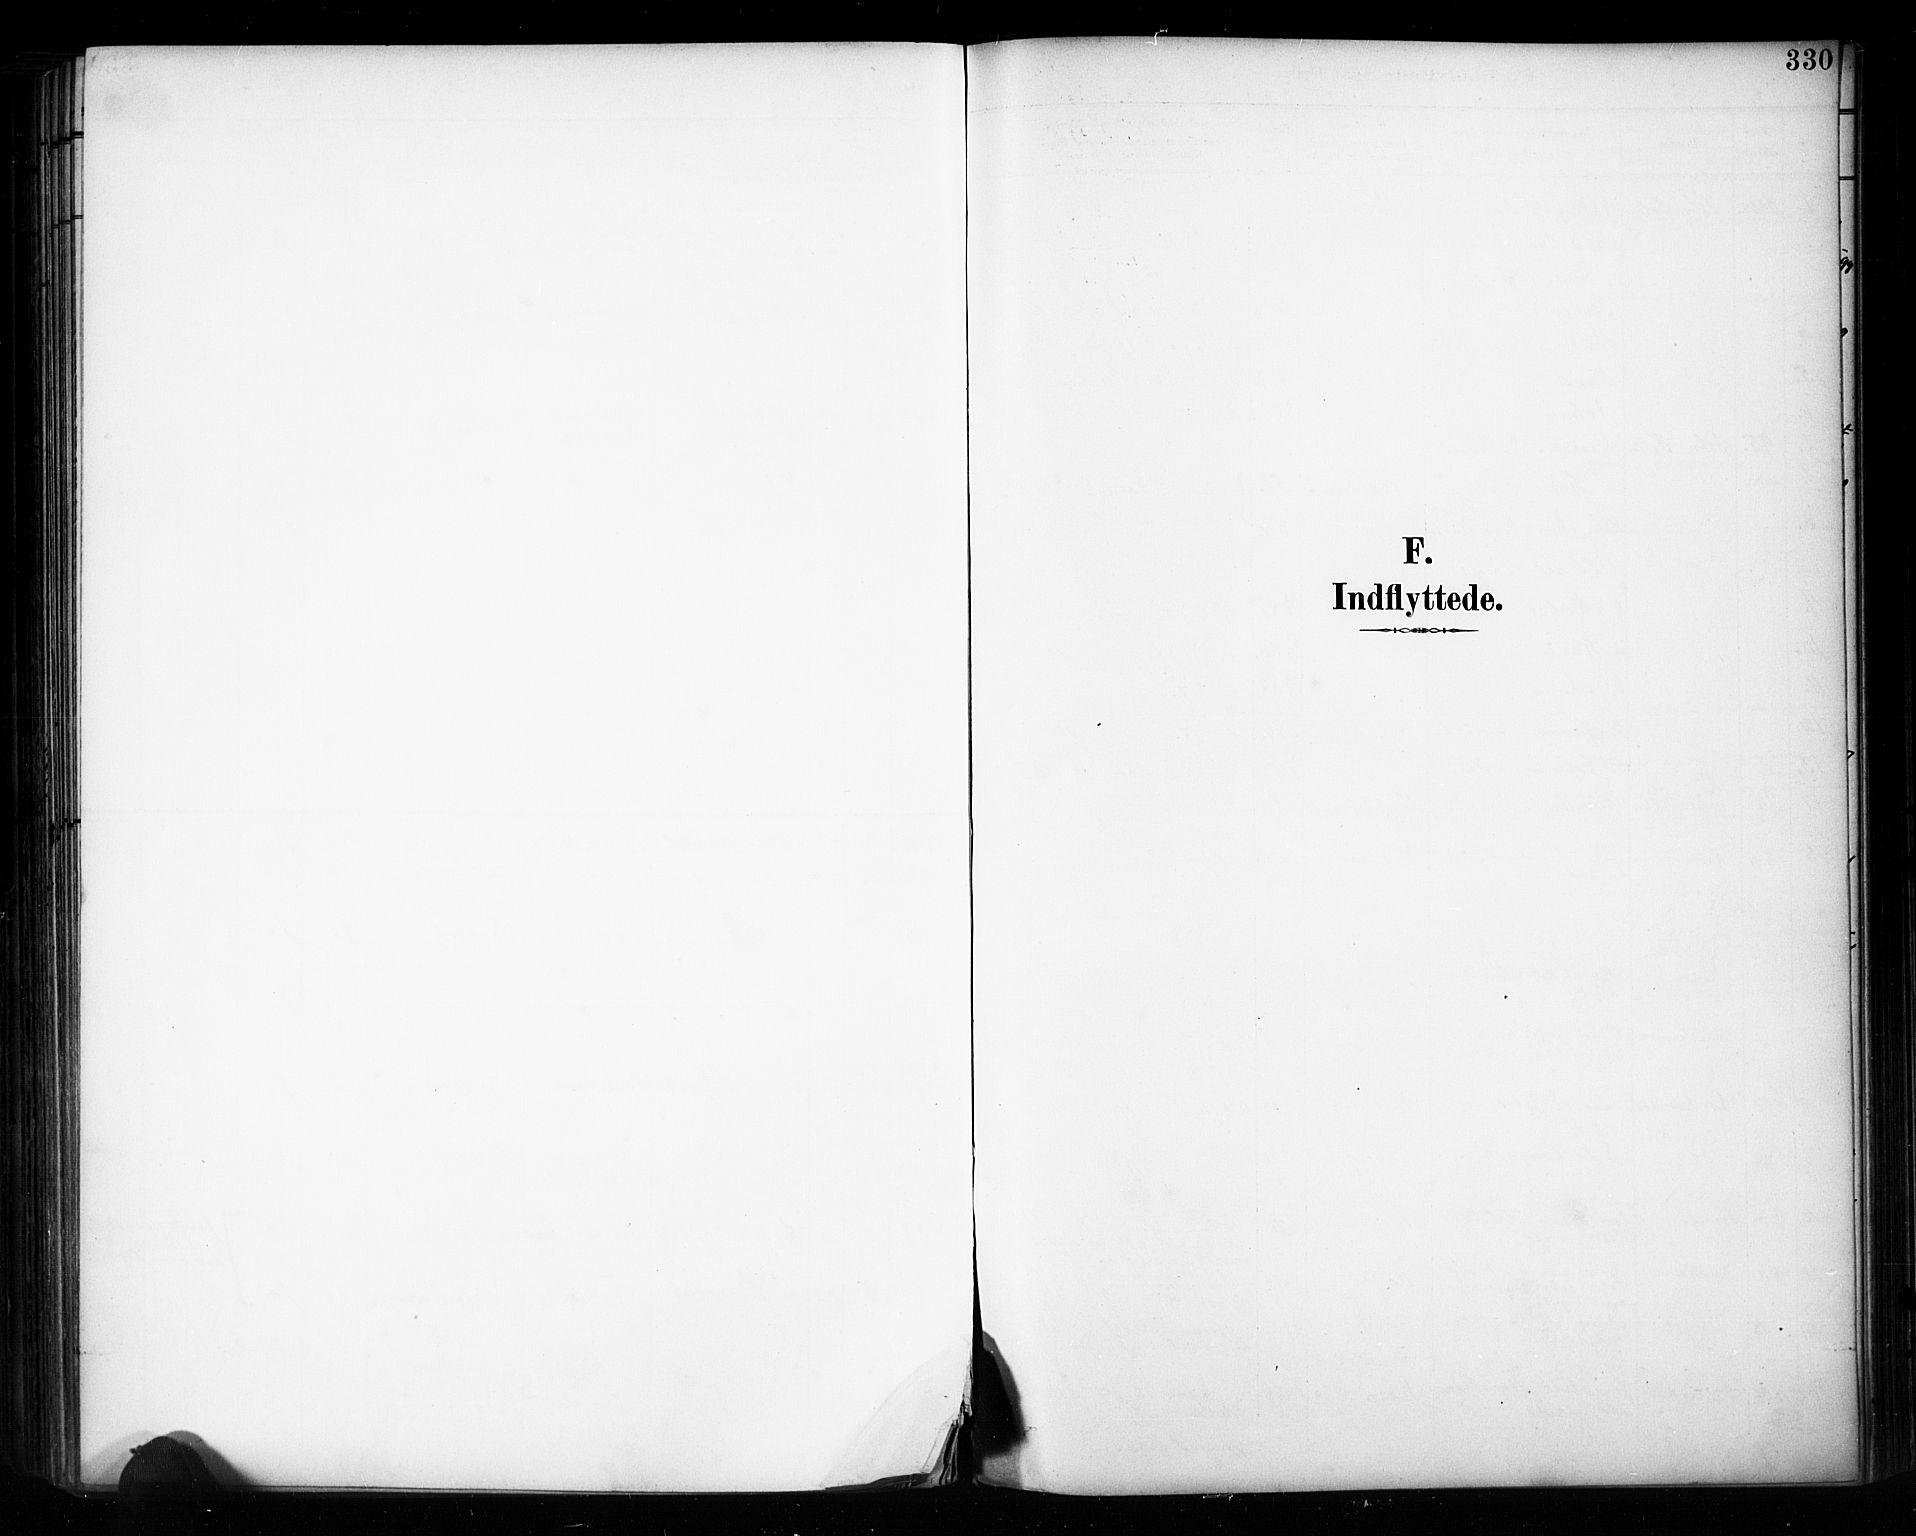 SAH, Vestre Toten prestekontor, Ministerialbok nr. 11, 1895-1906, s. 330